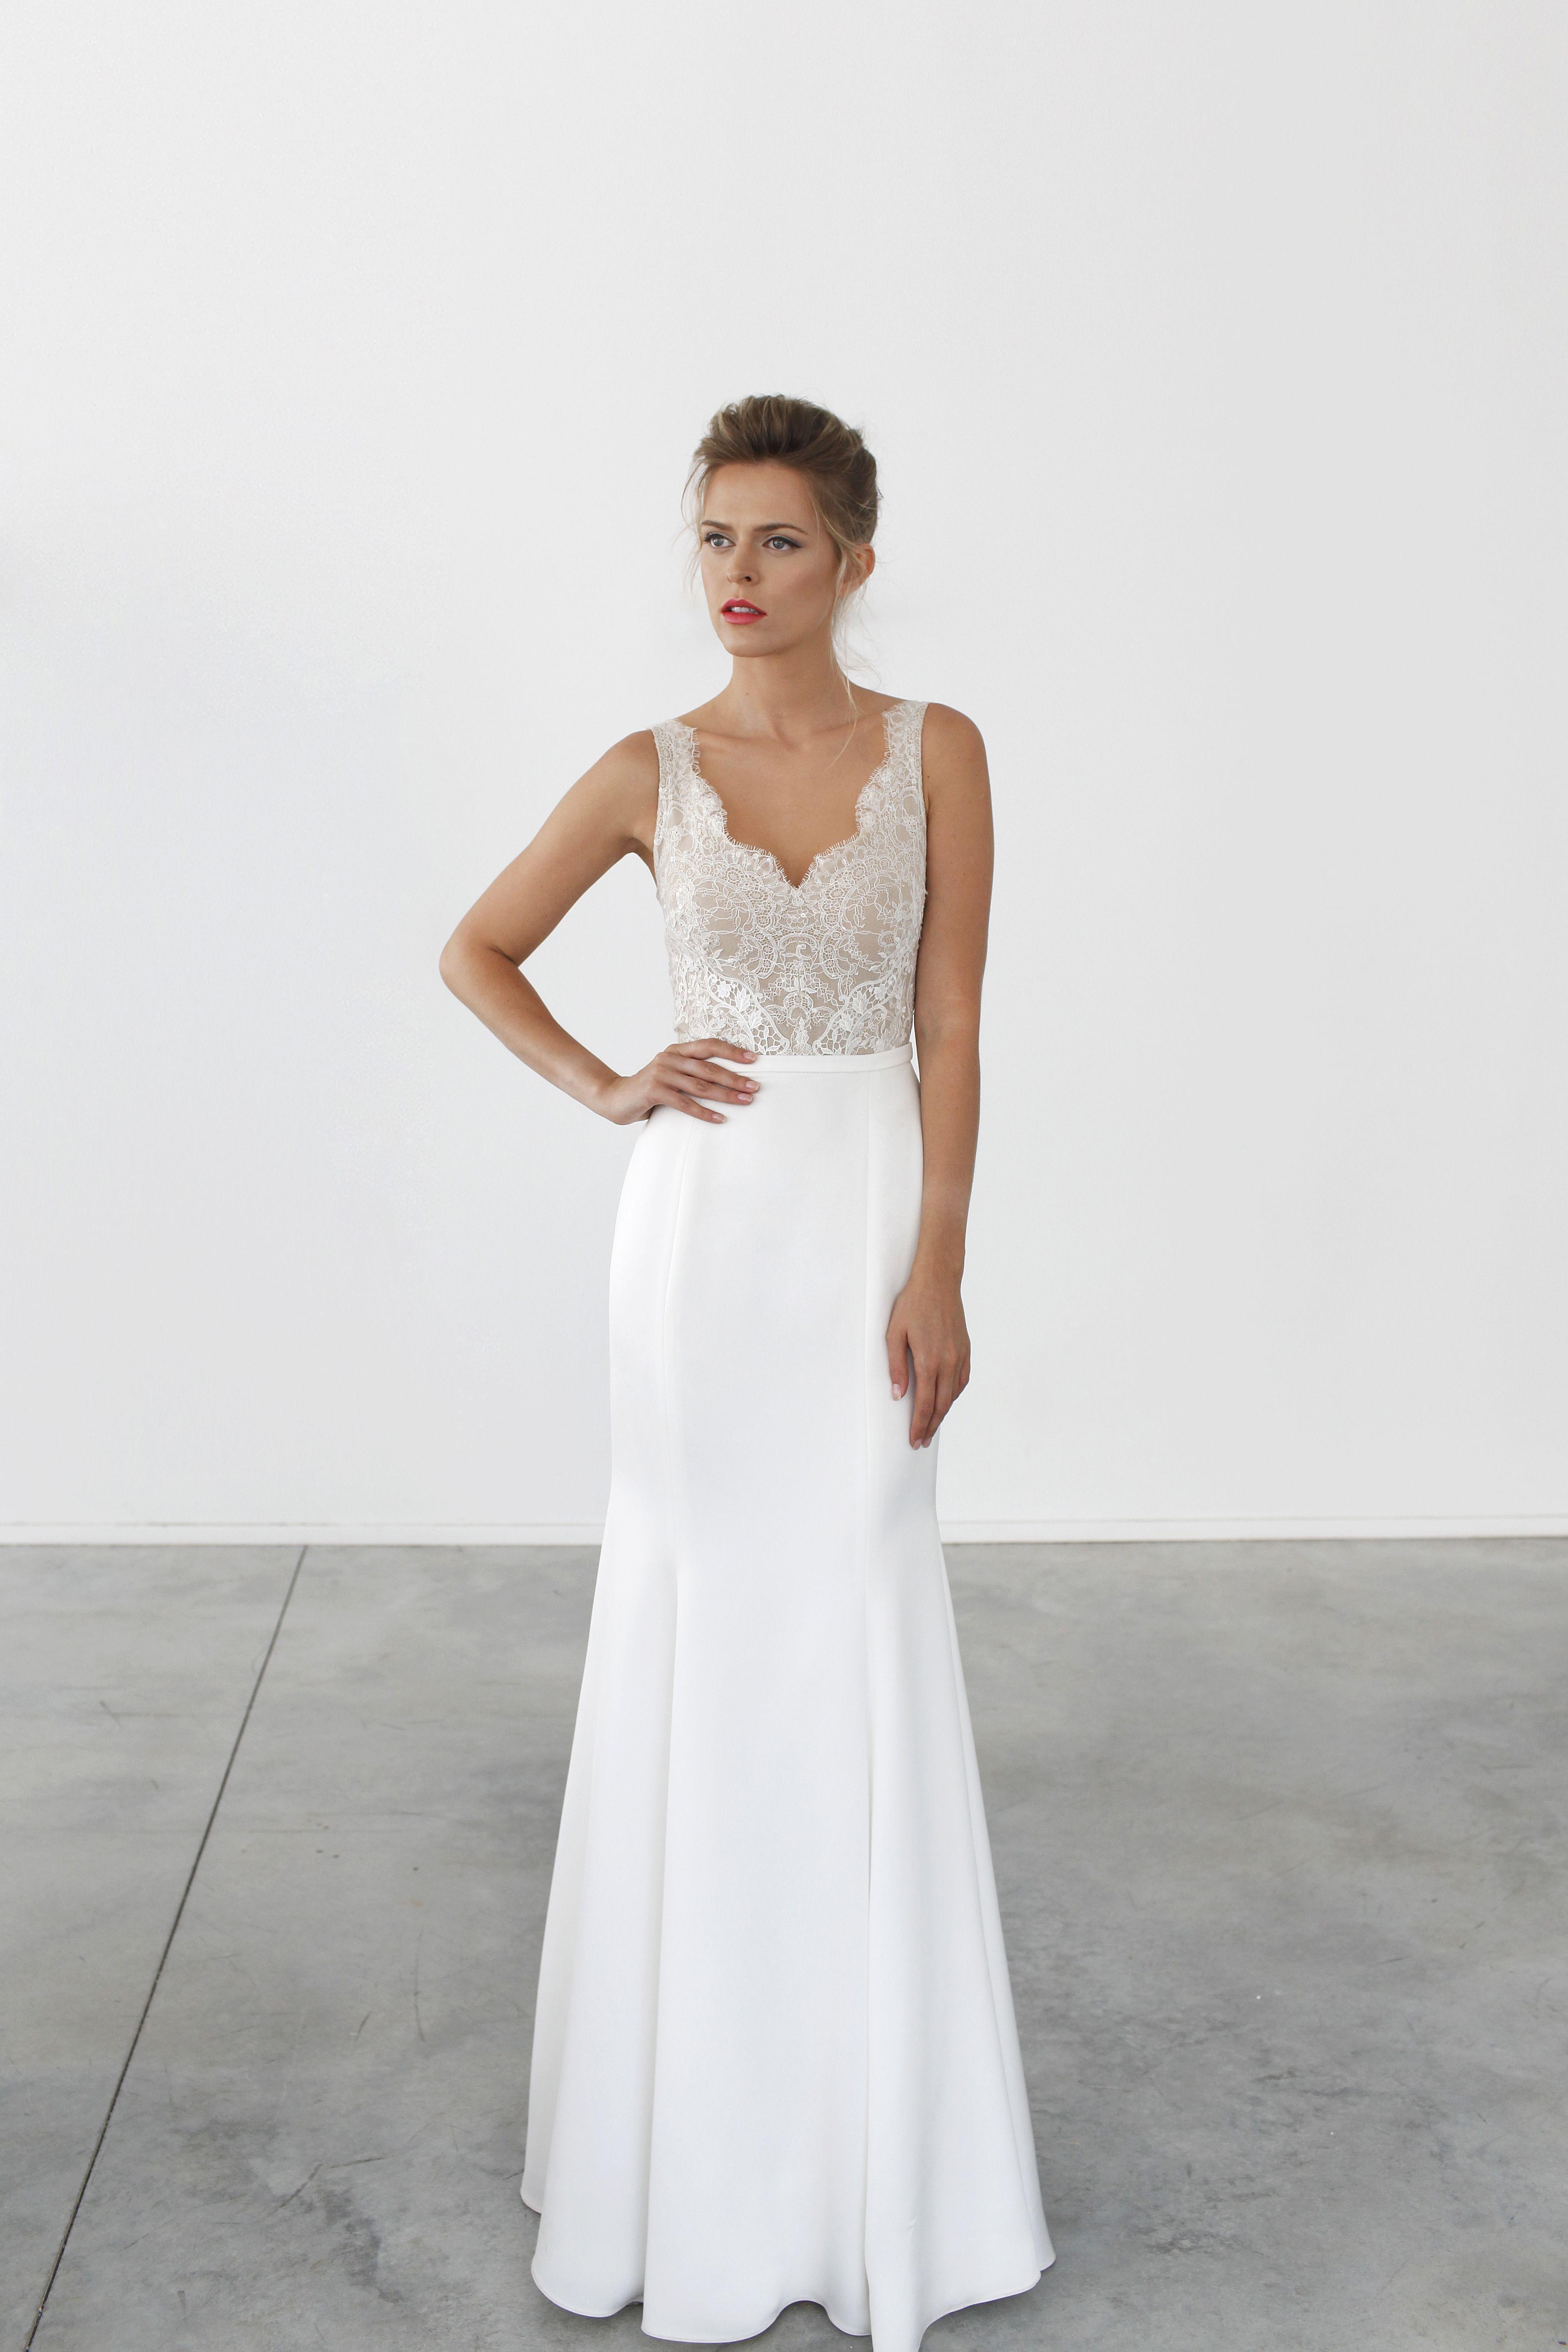 Limor rosen ariel luellas luellasboudoir for Wedding dresses for brides over 65